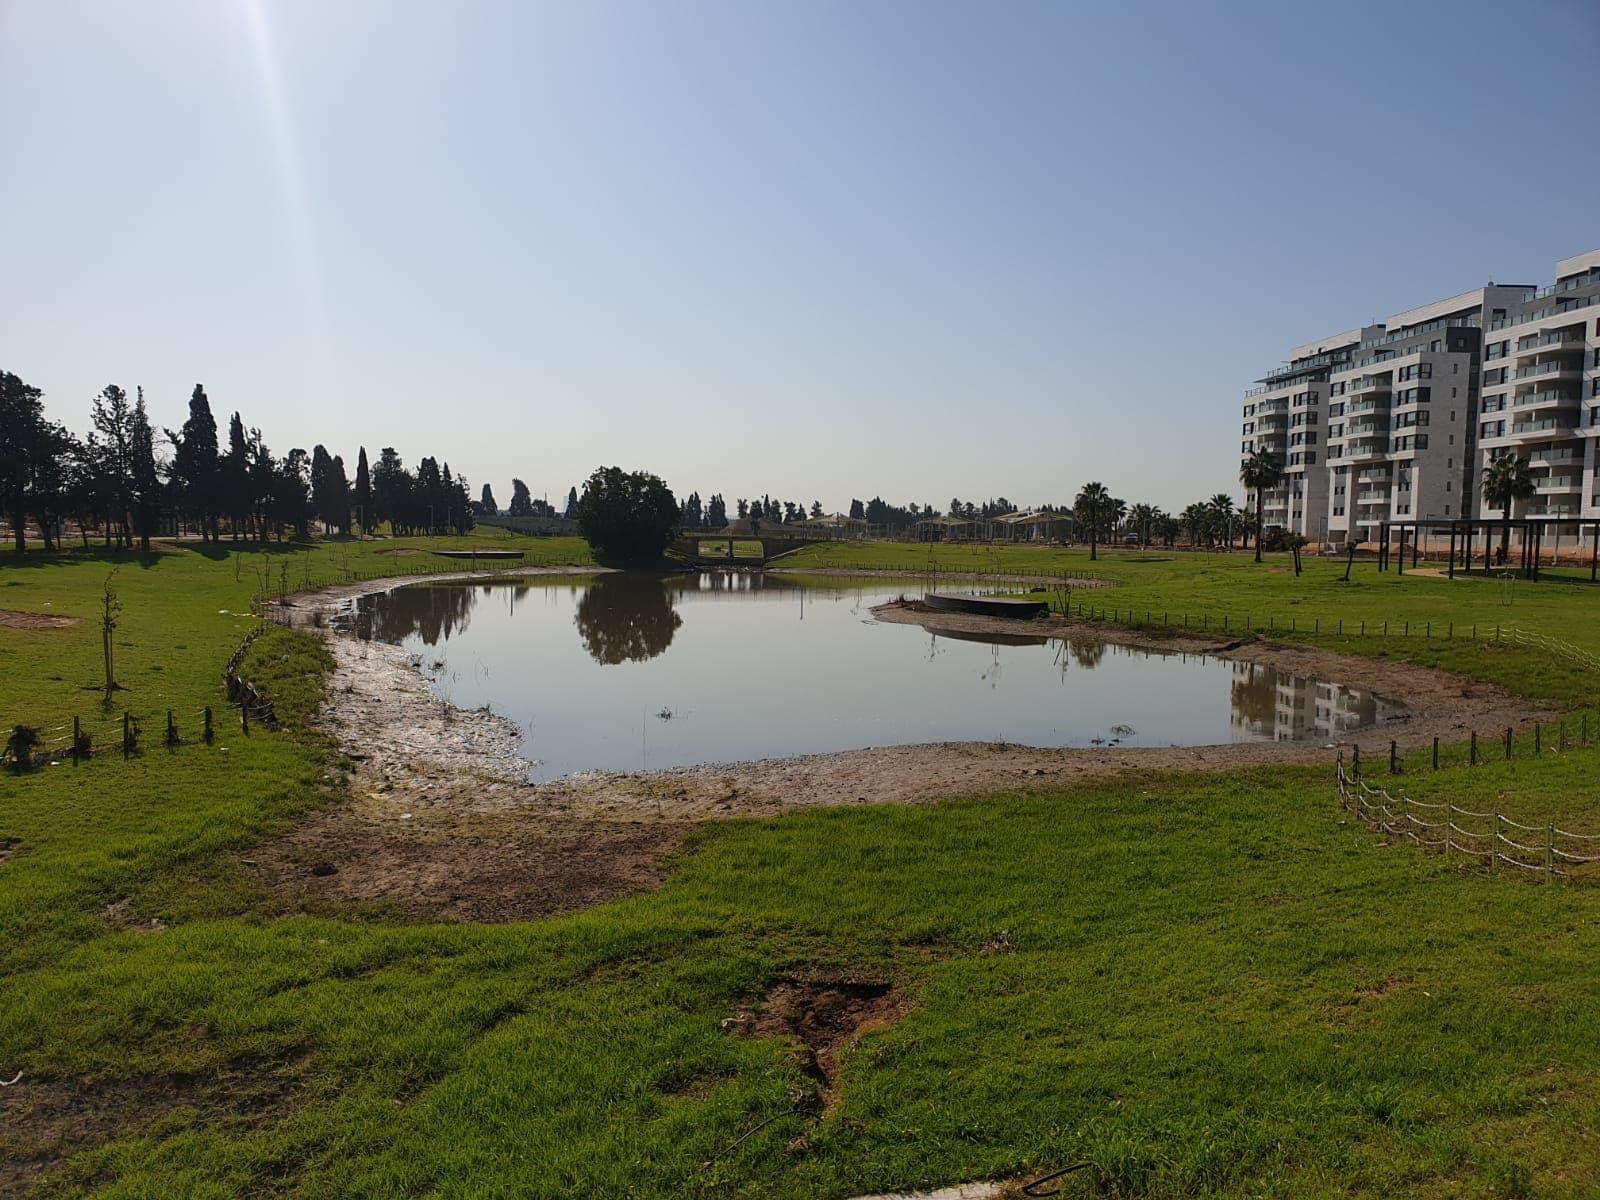 שכונת גליל ים החדשה בהרצליה (צילום: אביב לביא)